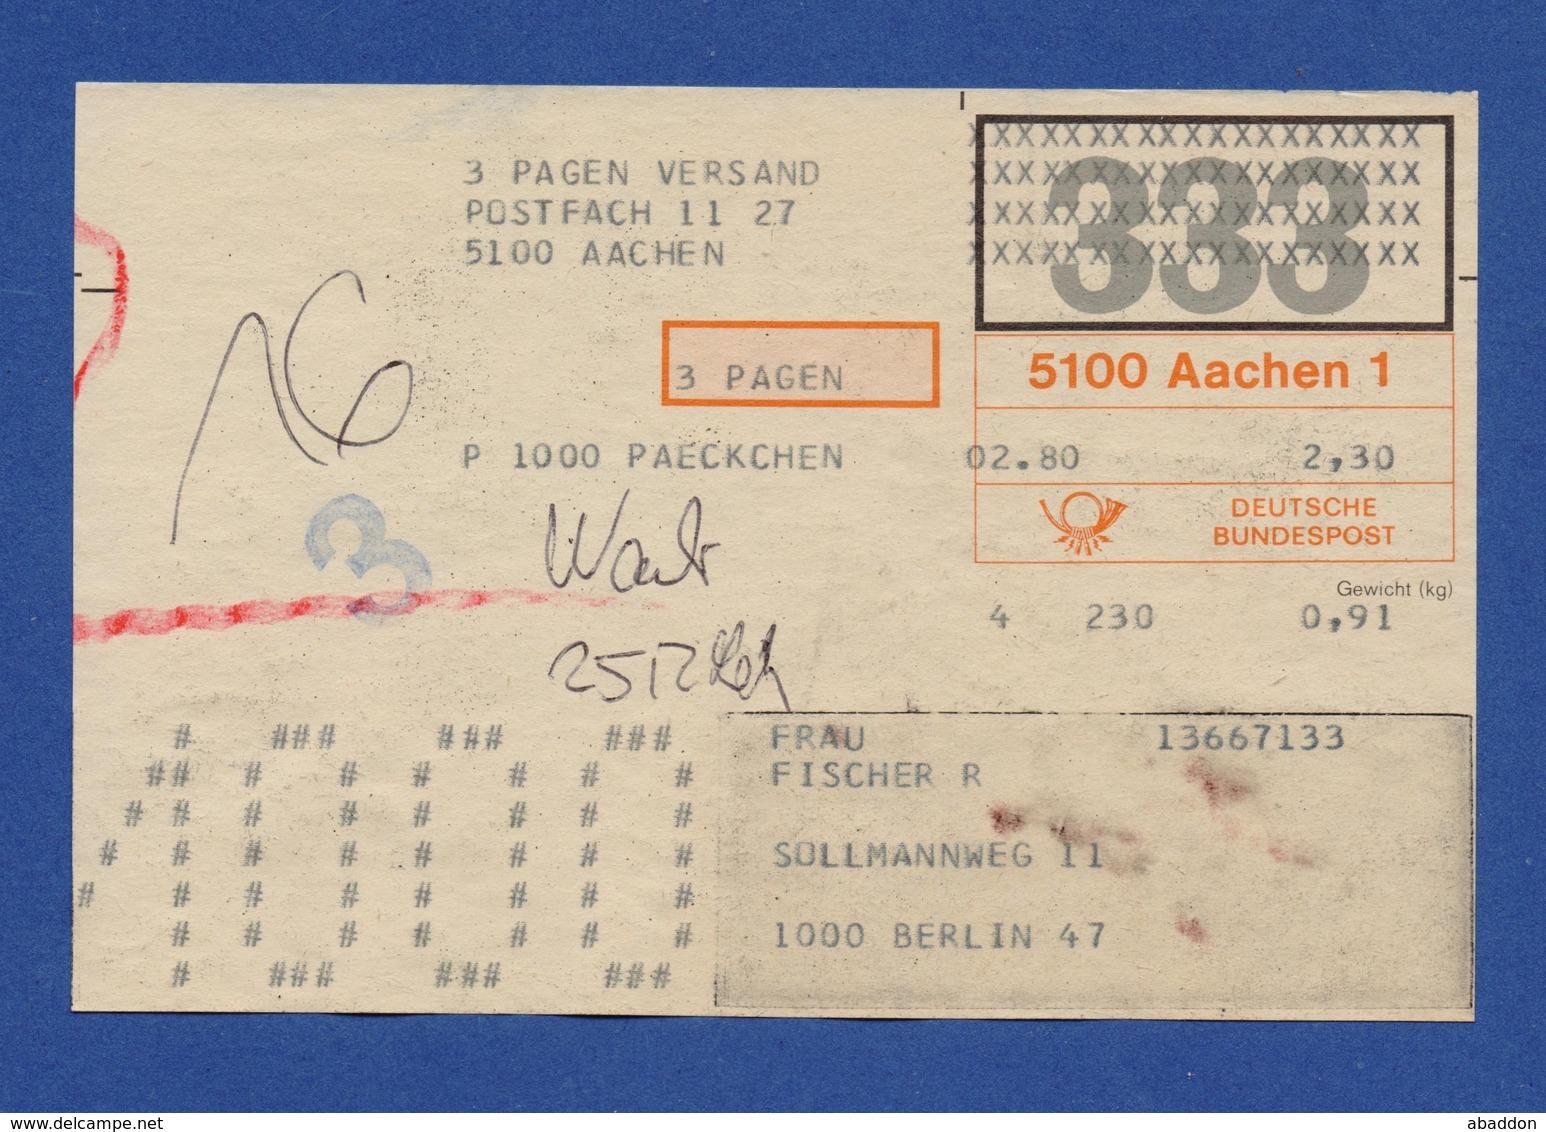 BRD Beleg Paeckchen - 3 Pagen Versand AACHEN > BERLIN 1980 - BRD